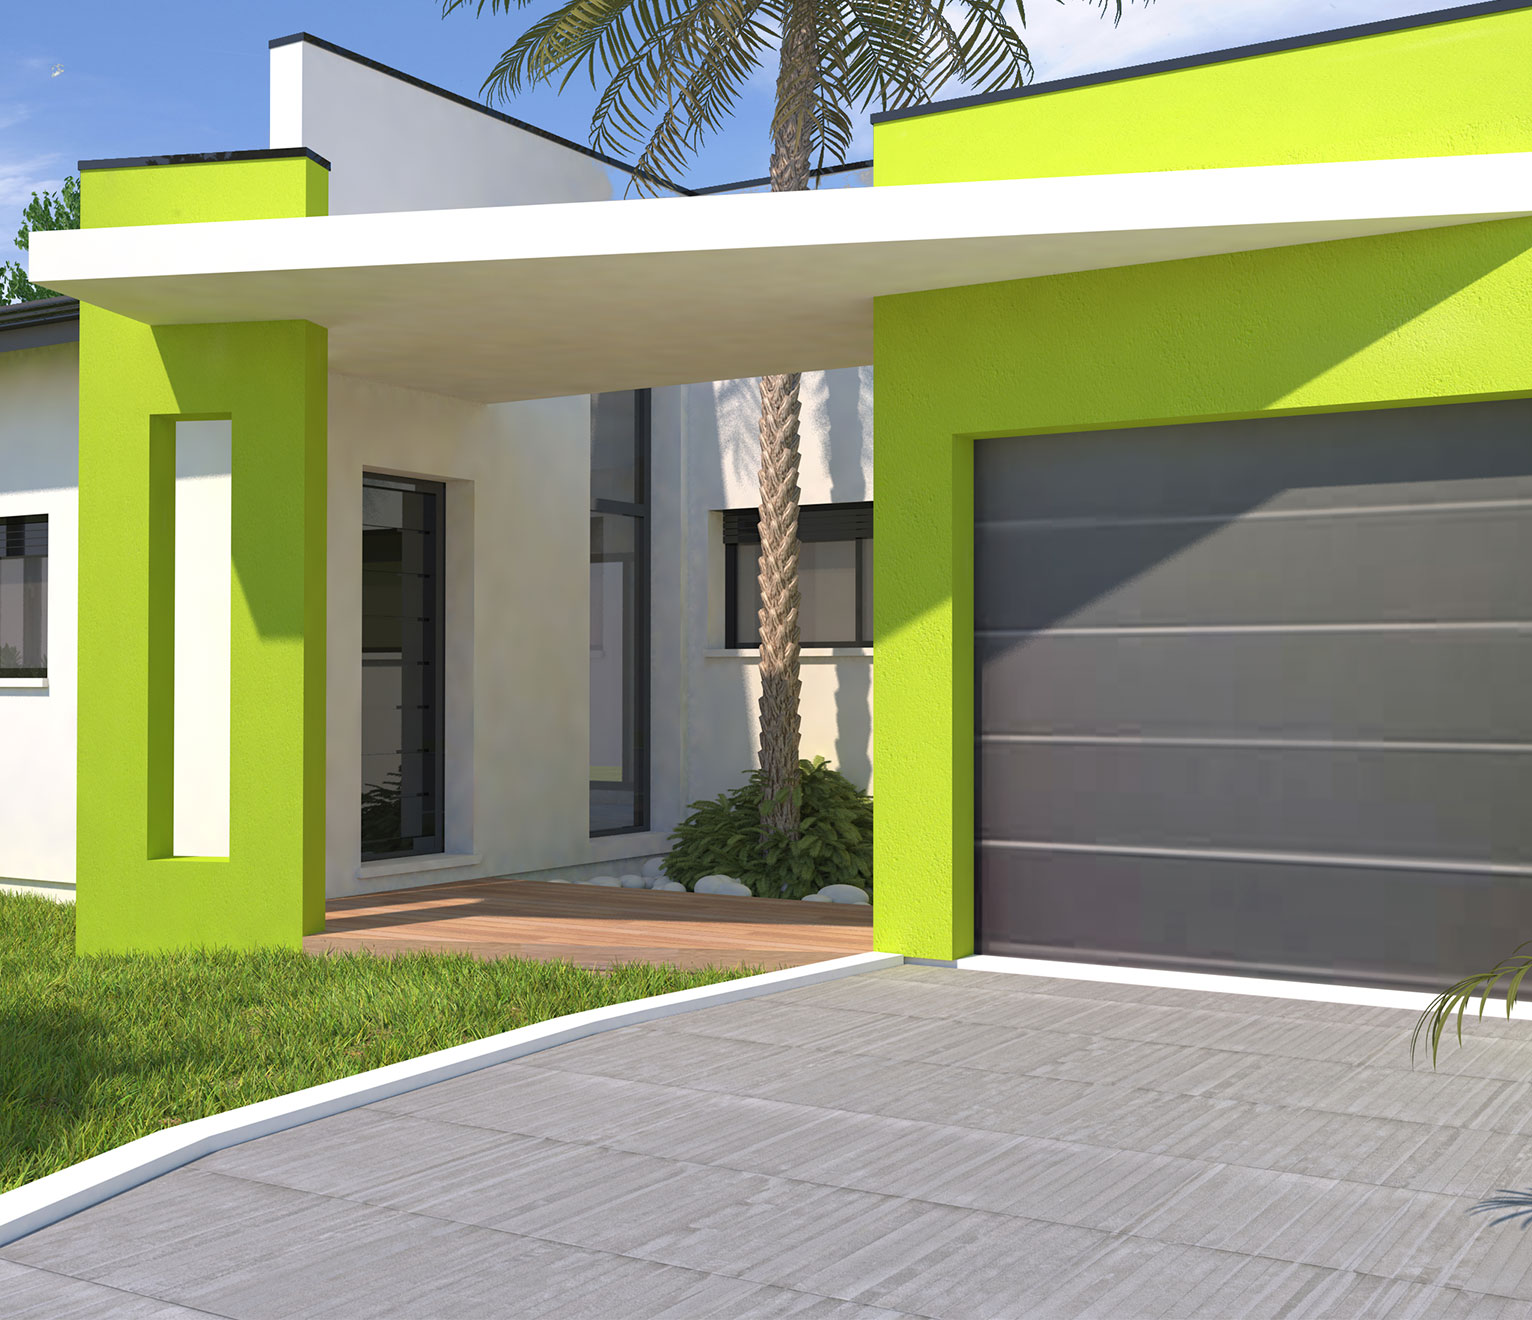 Couleur Exterieur Maison Contemporaine façade de la maison : ajoutez de la couleur à votre